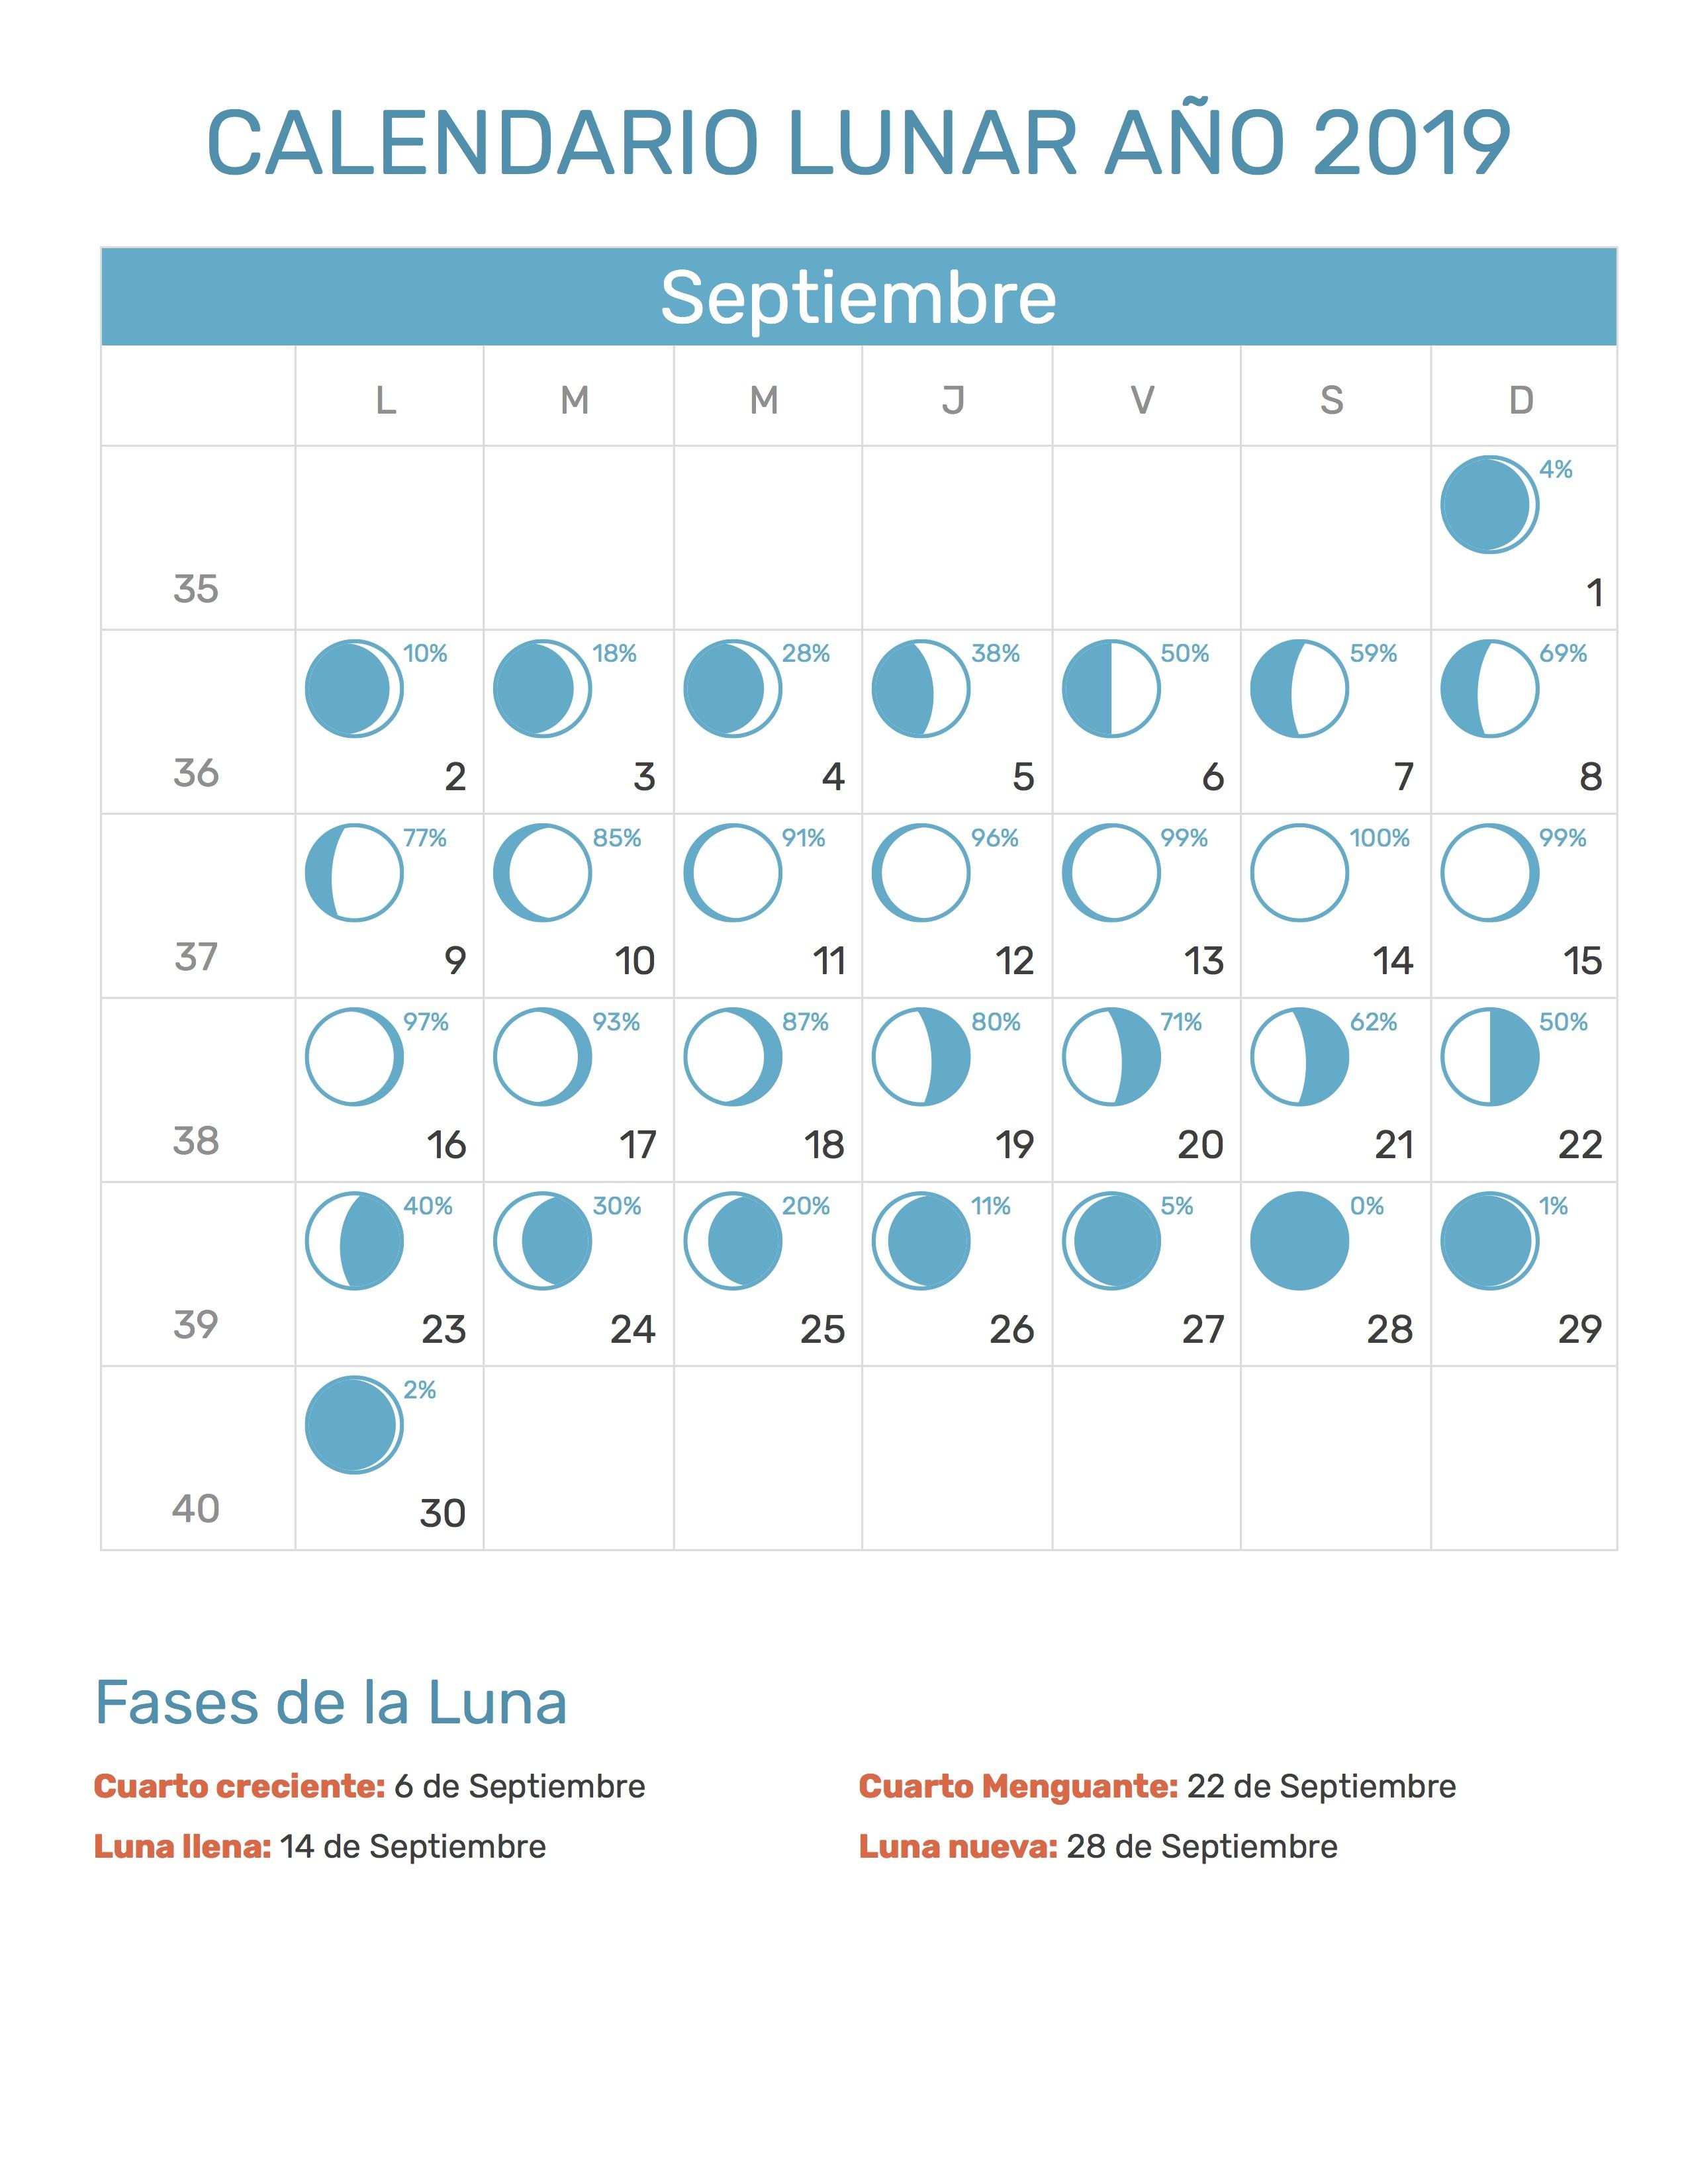 Imprimir Calendario Julio Agosto Y Septiembre 2019 Más Caliente Calendario Lunar Septiembre 2019 Of Imprimir Calendario Julio Agosto Y Septiembre 2019 Más Actual Agip Calendario Mensual